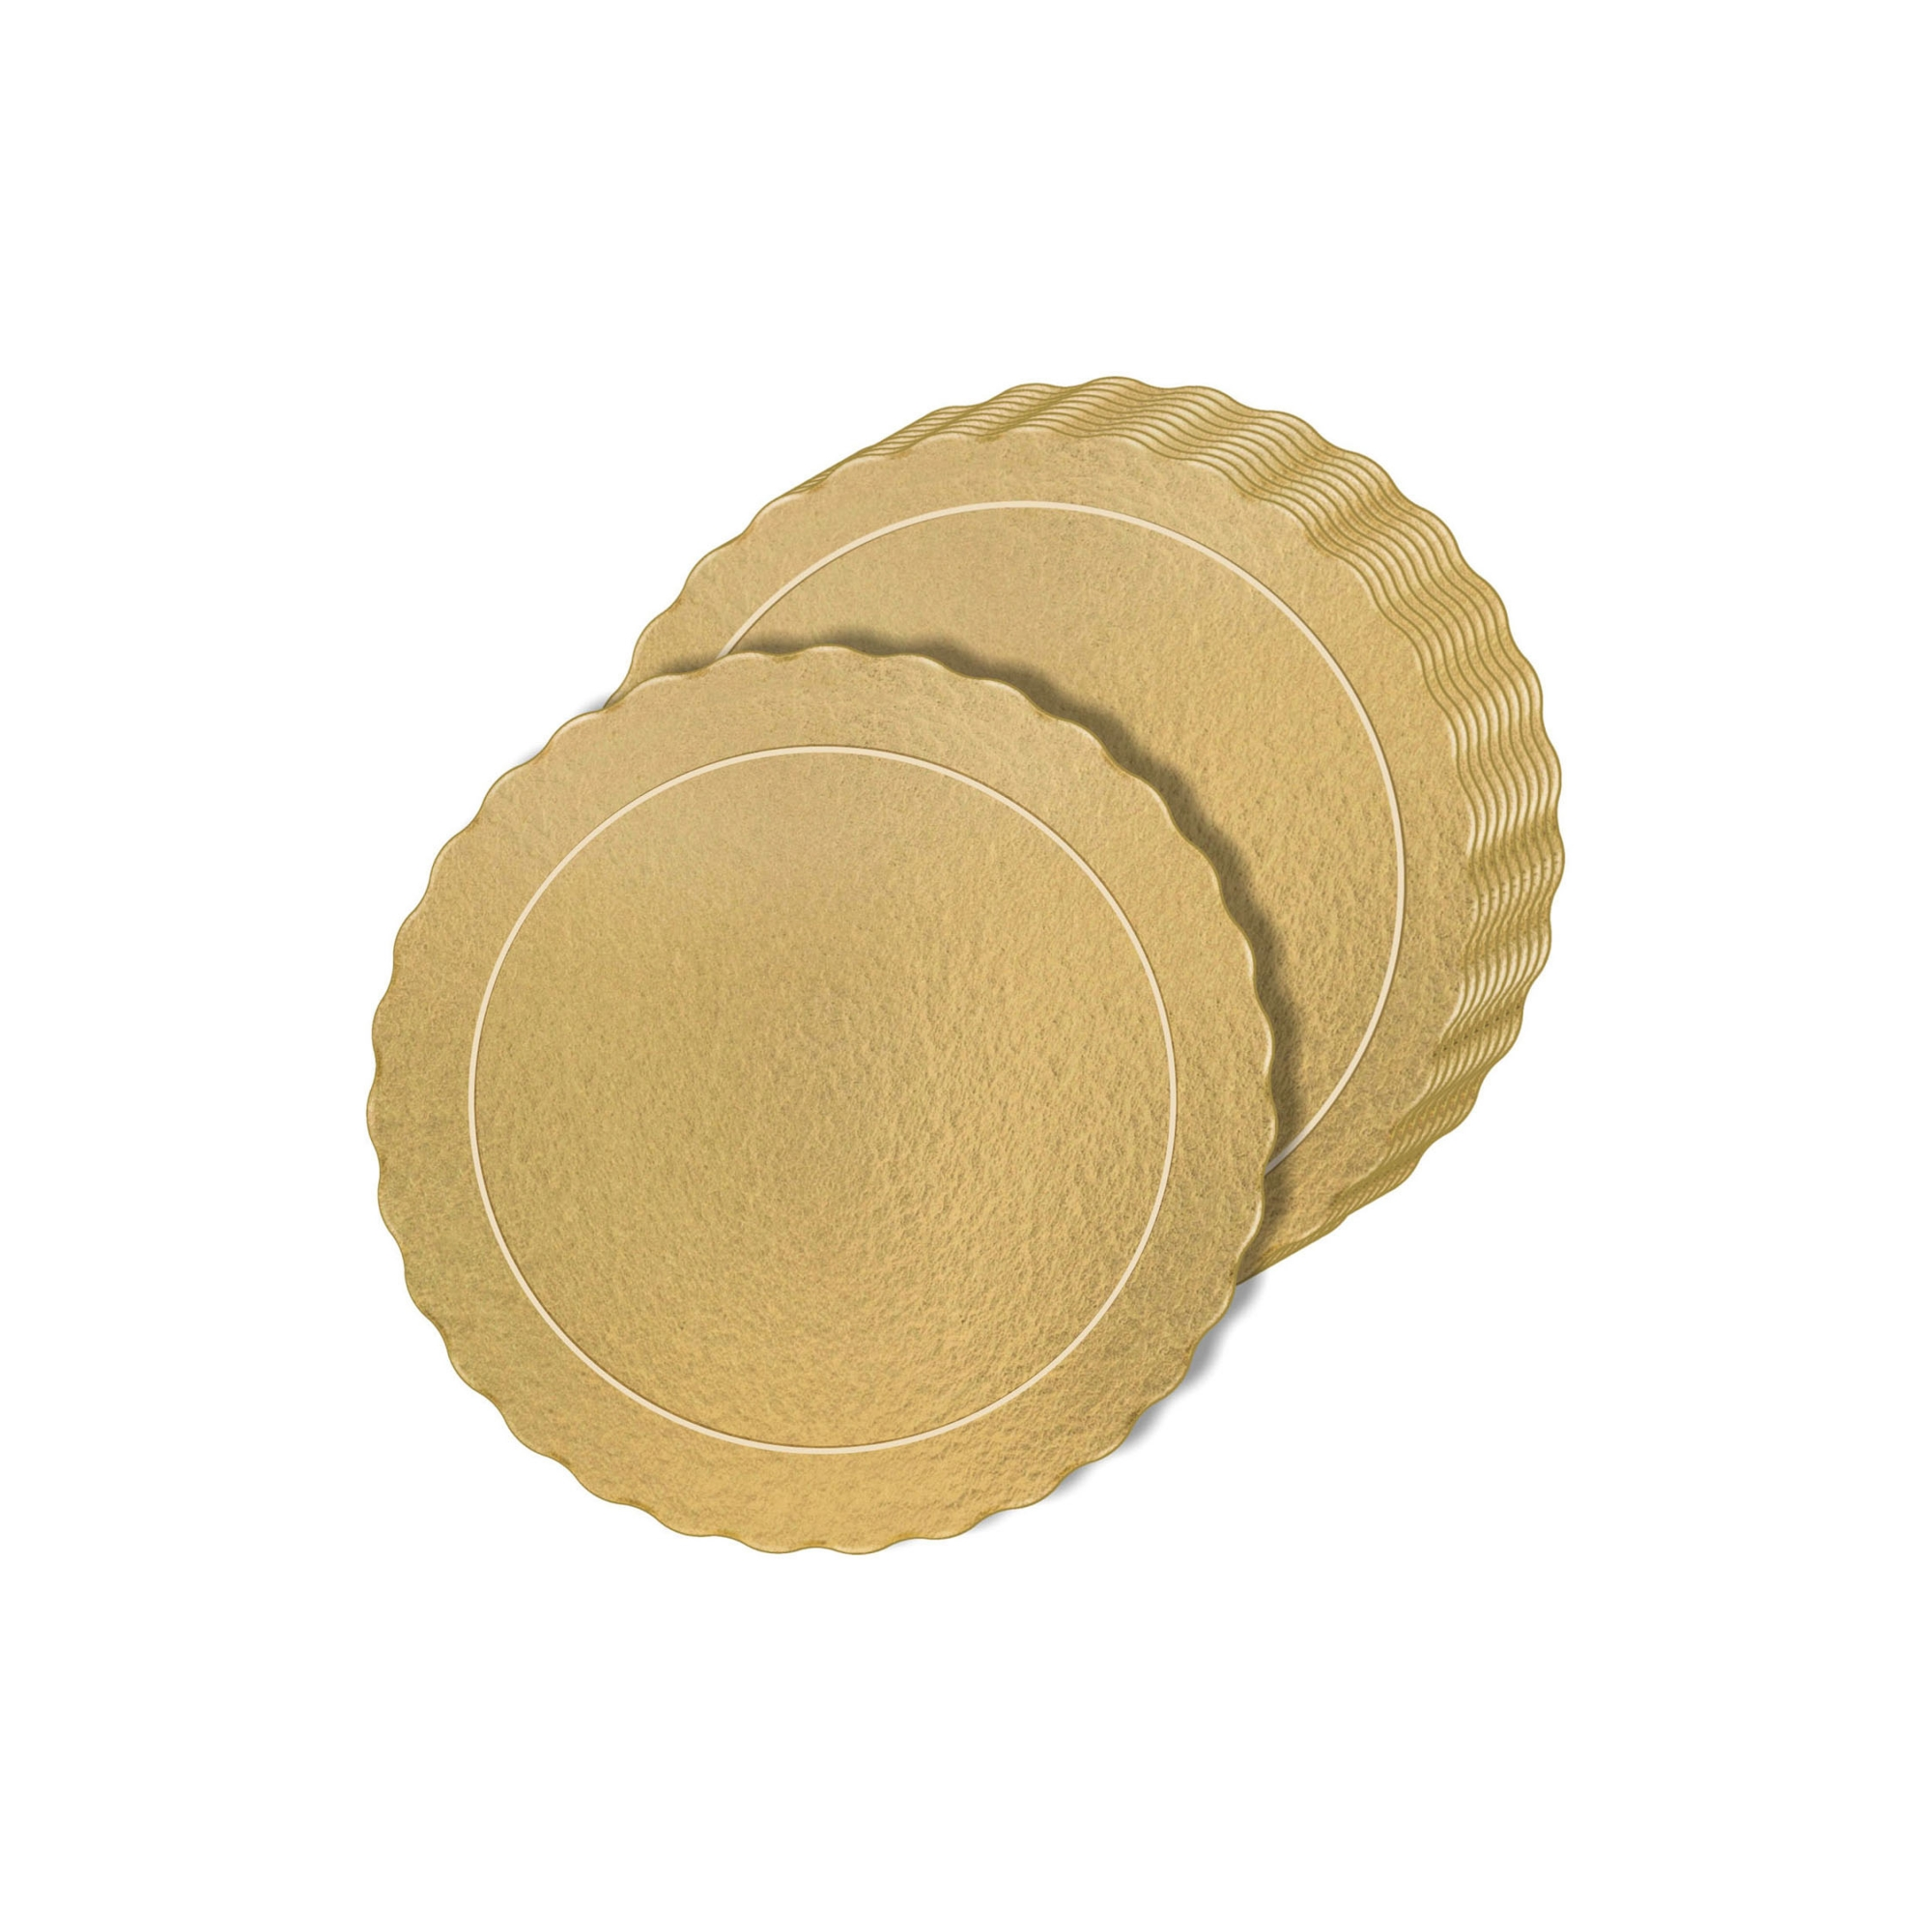 50 Bases Laminadas Para Bolo Redondo, Cake Board 24cm - Ouro